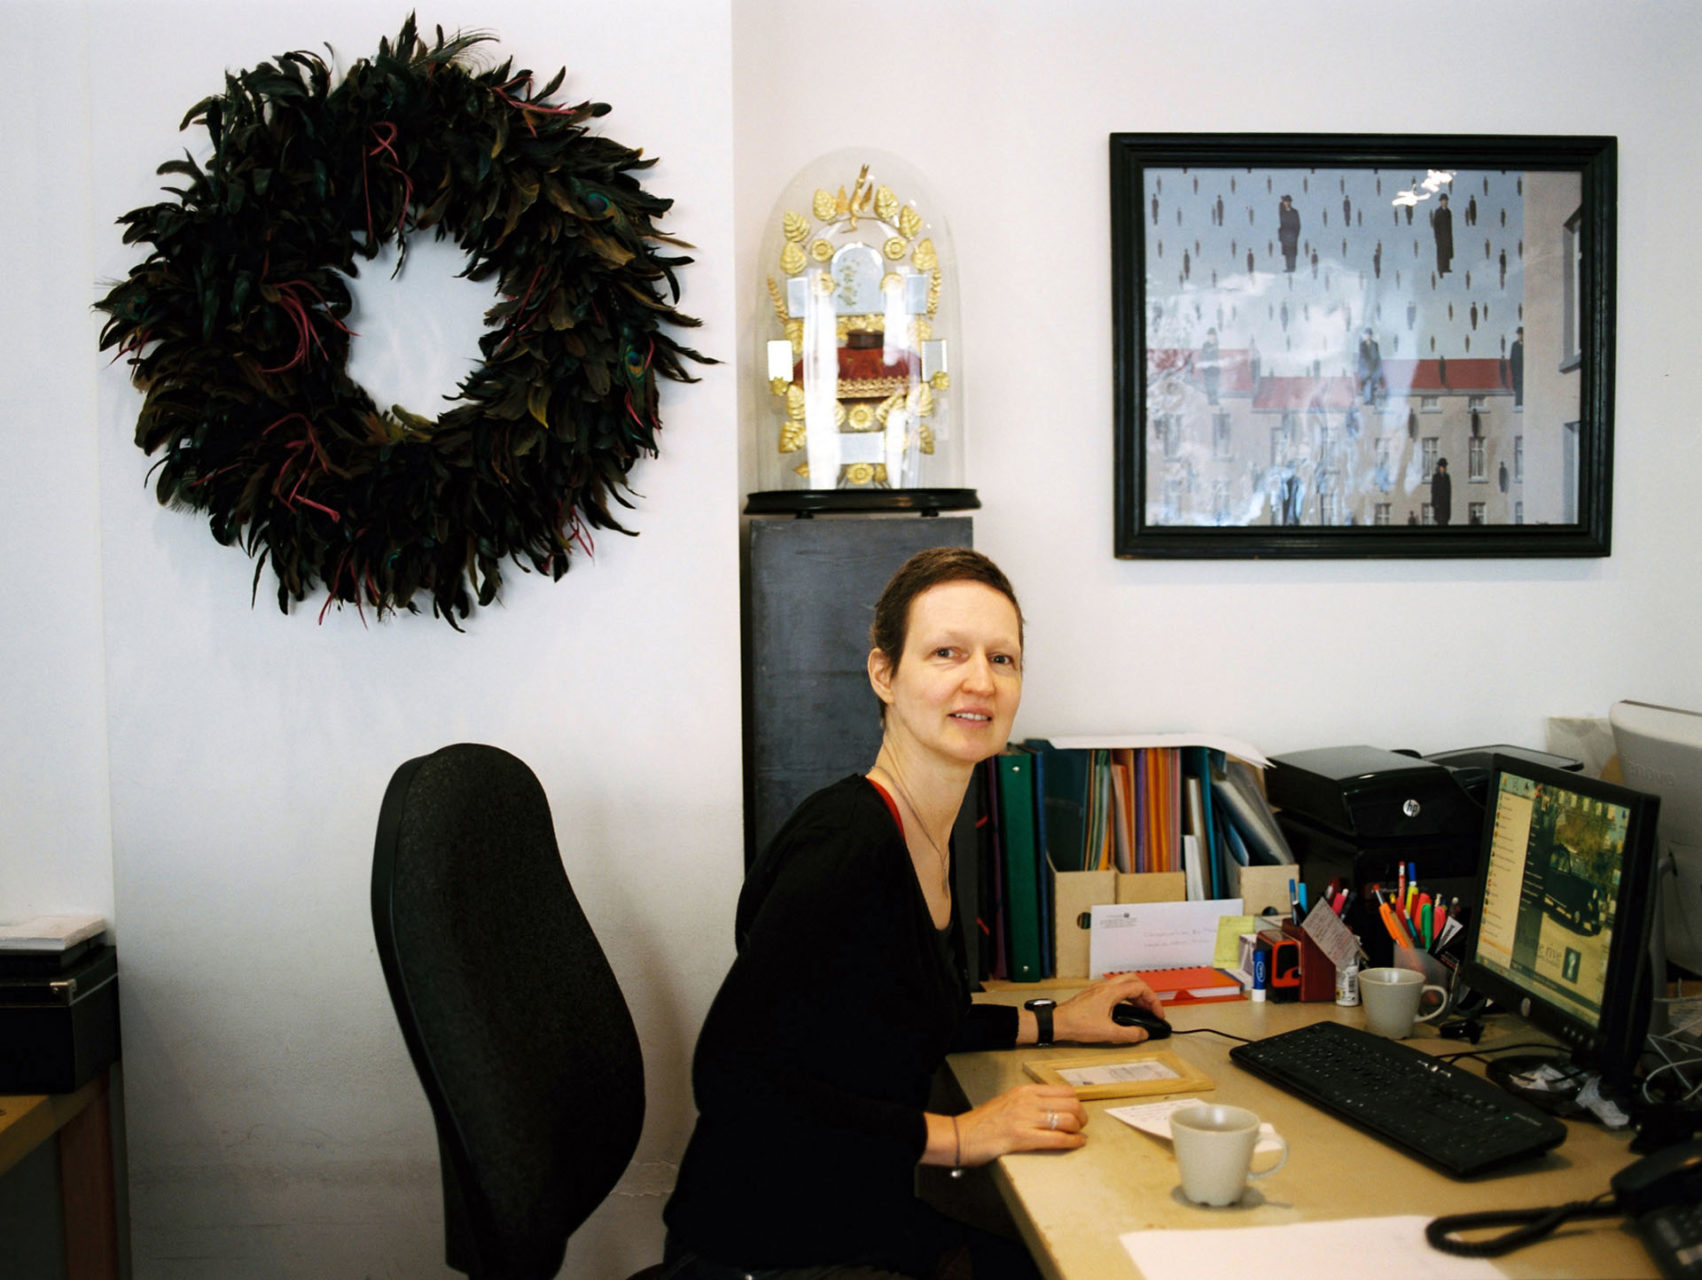 Trompe la Mort- TŽmoignage portrait - Ariane Ostier - 2013